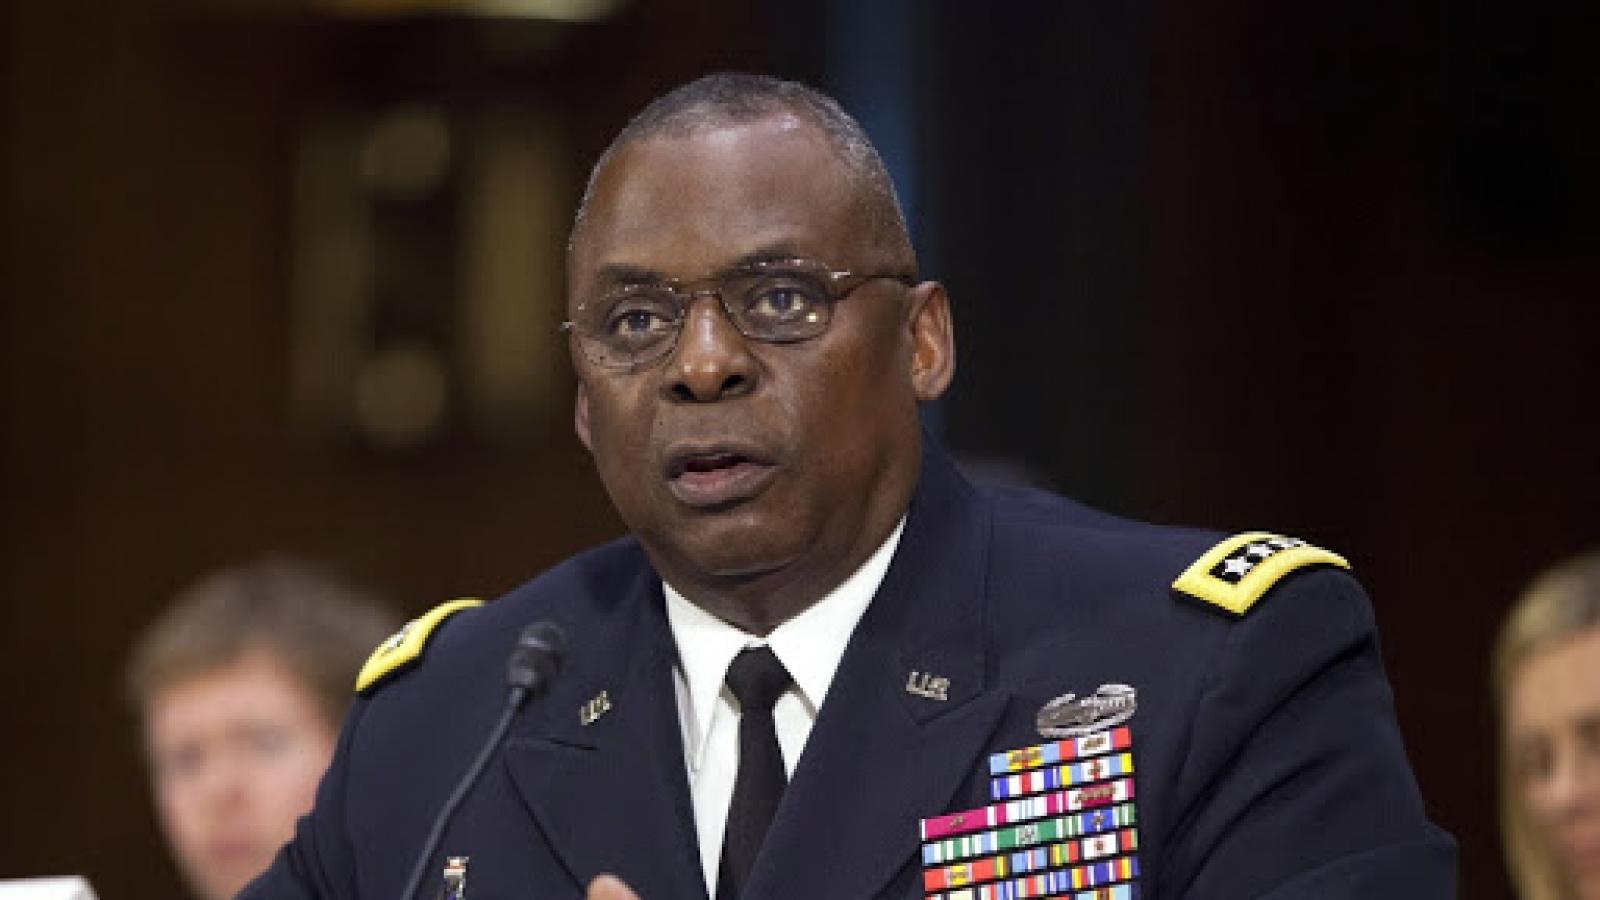 Bộ trưởng Quốc phòng Mỹ thông báo sẽ triển khai thêm 500 binh sĩ tới Đức